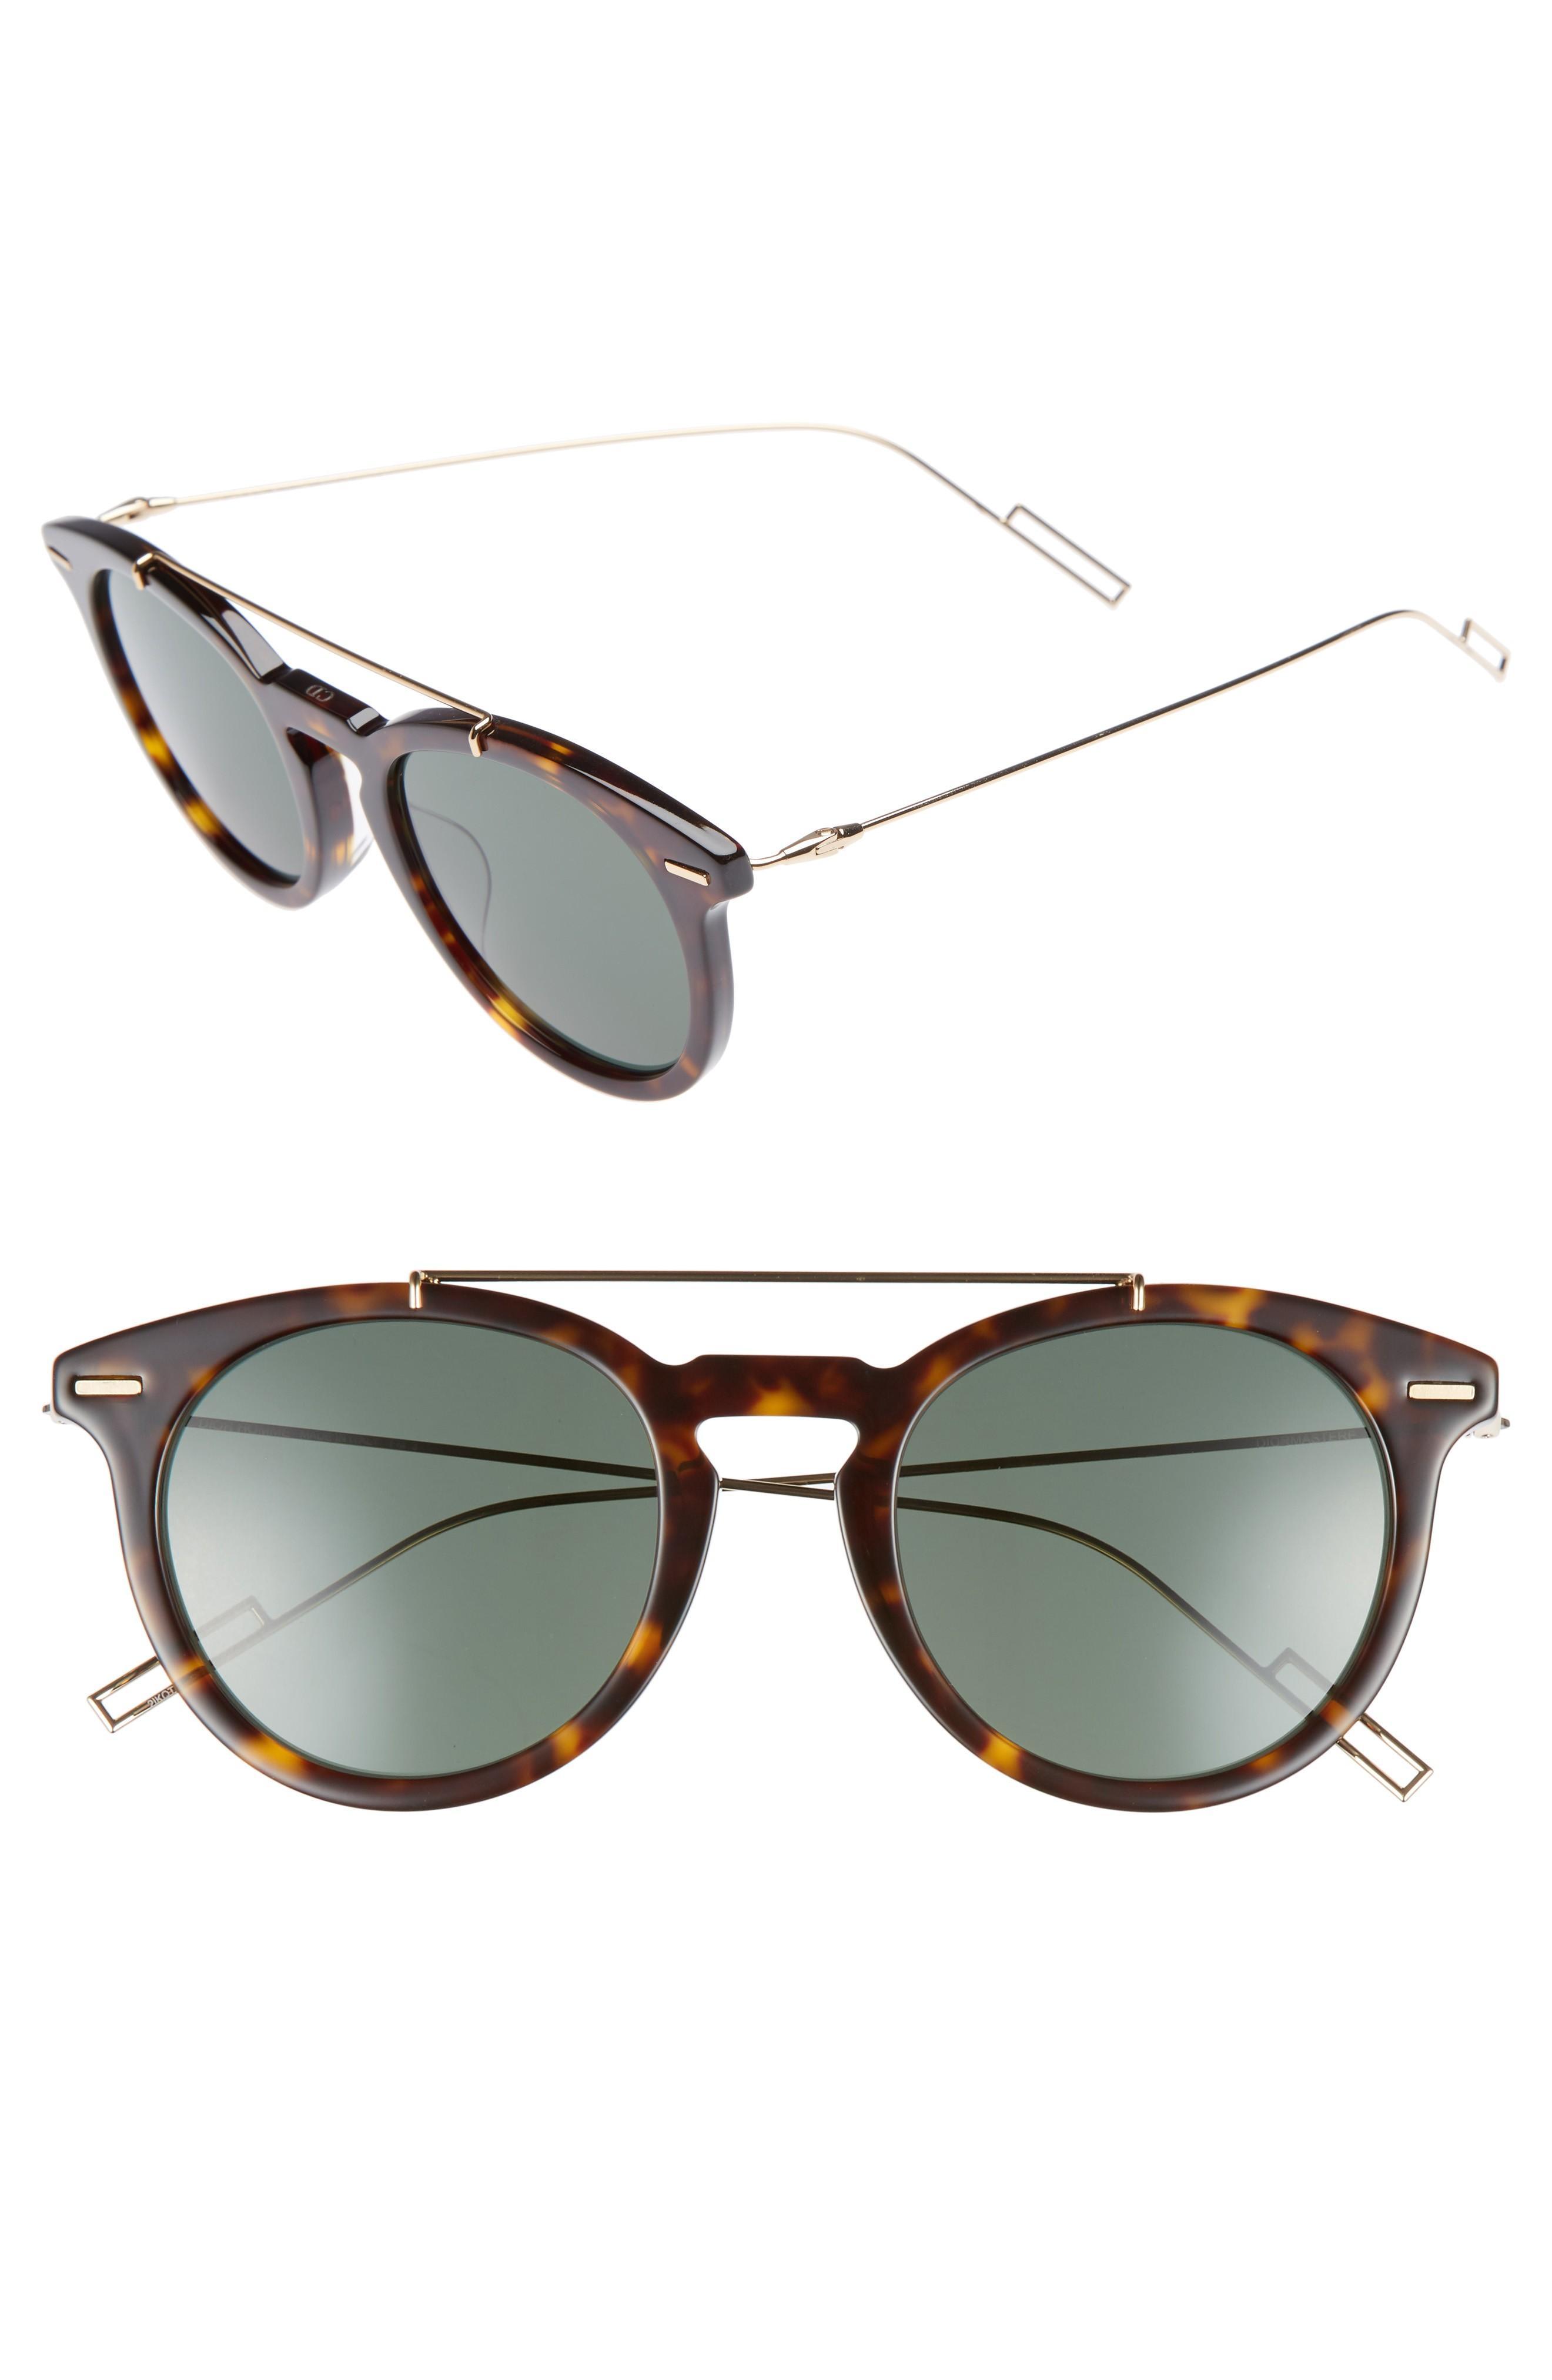 d7db8e39ec03d Dior Homme Master 51Mm Sunglasses - Havana Gold